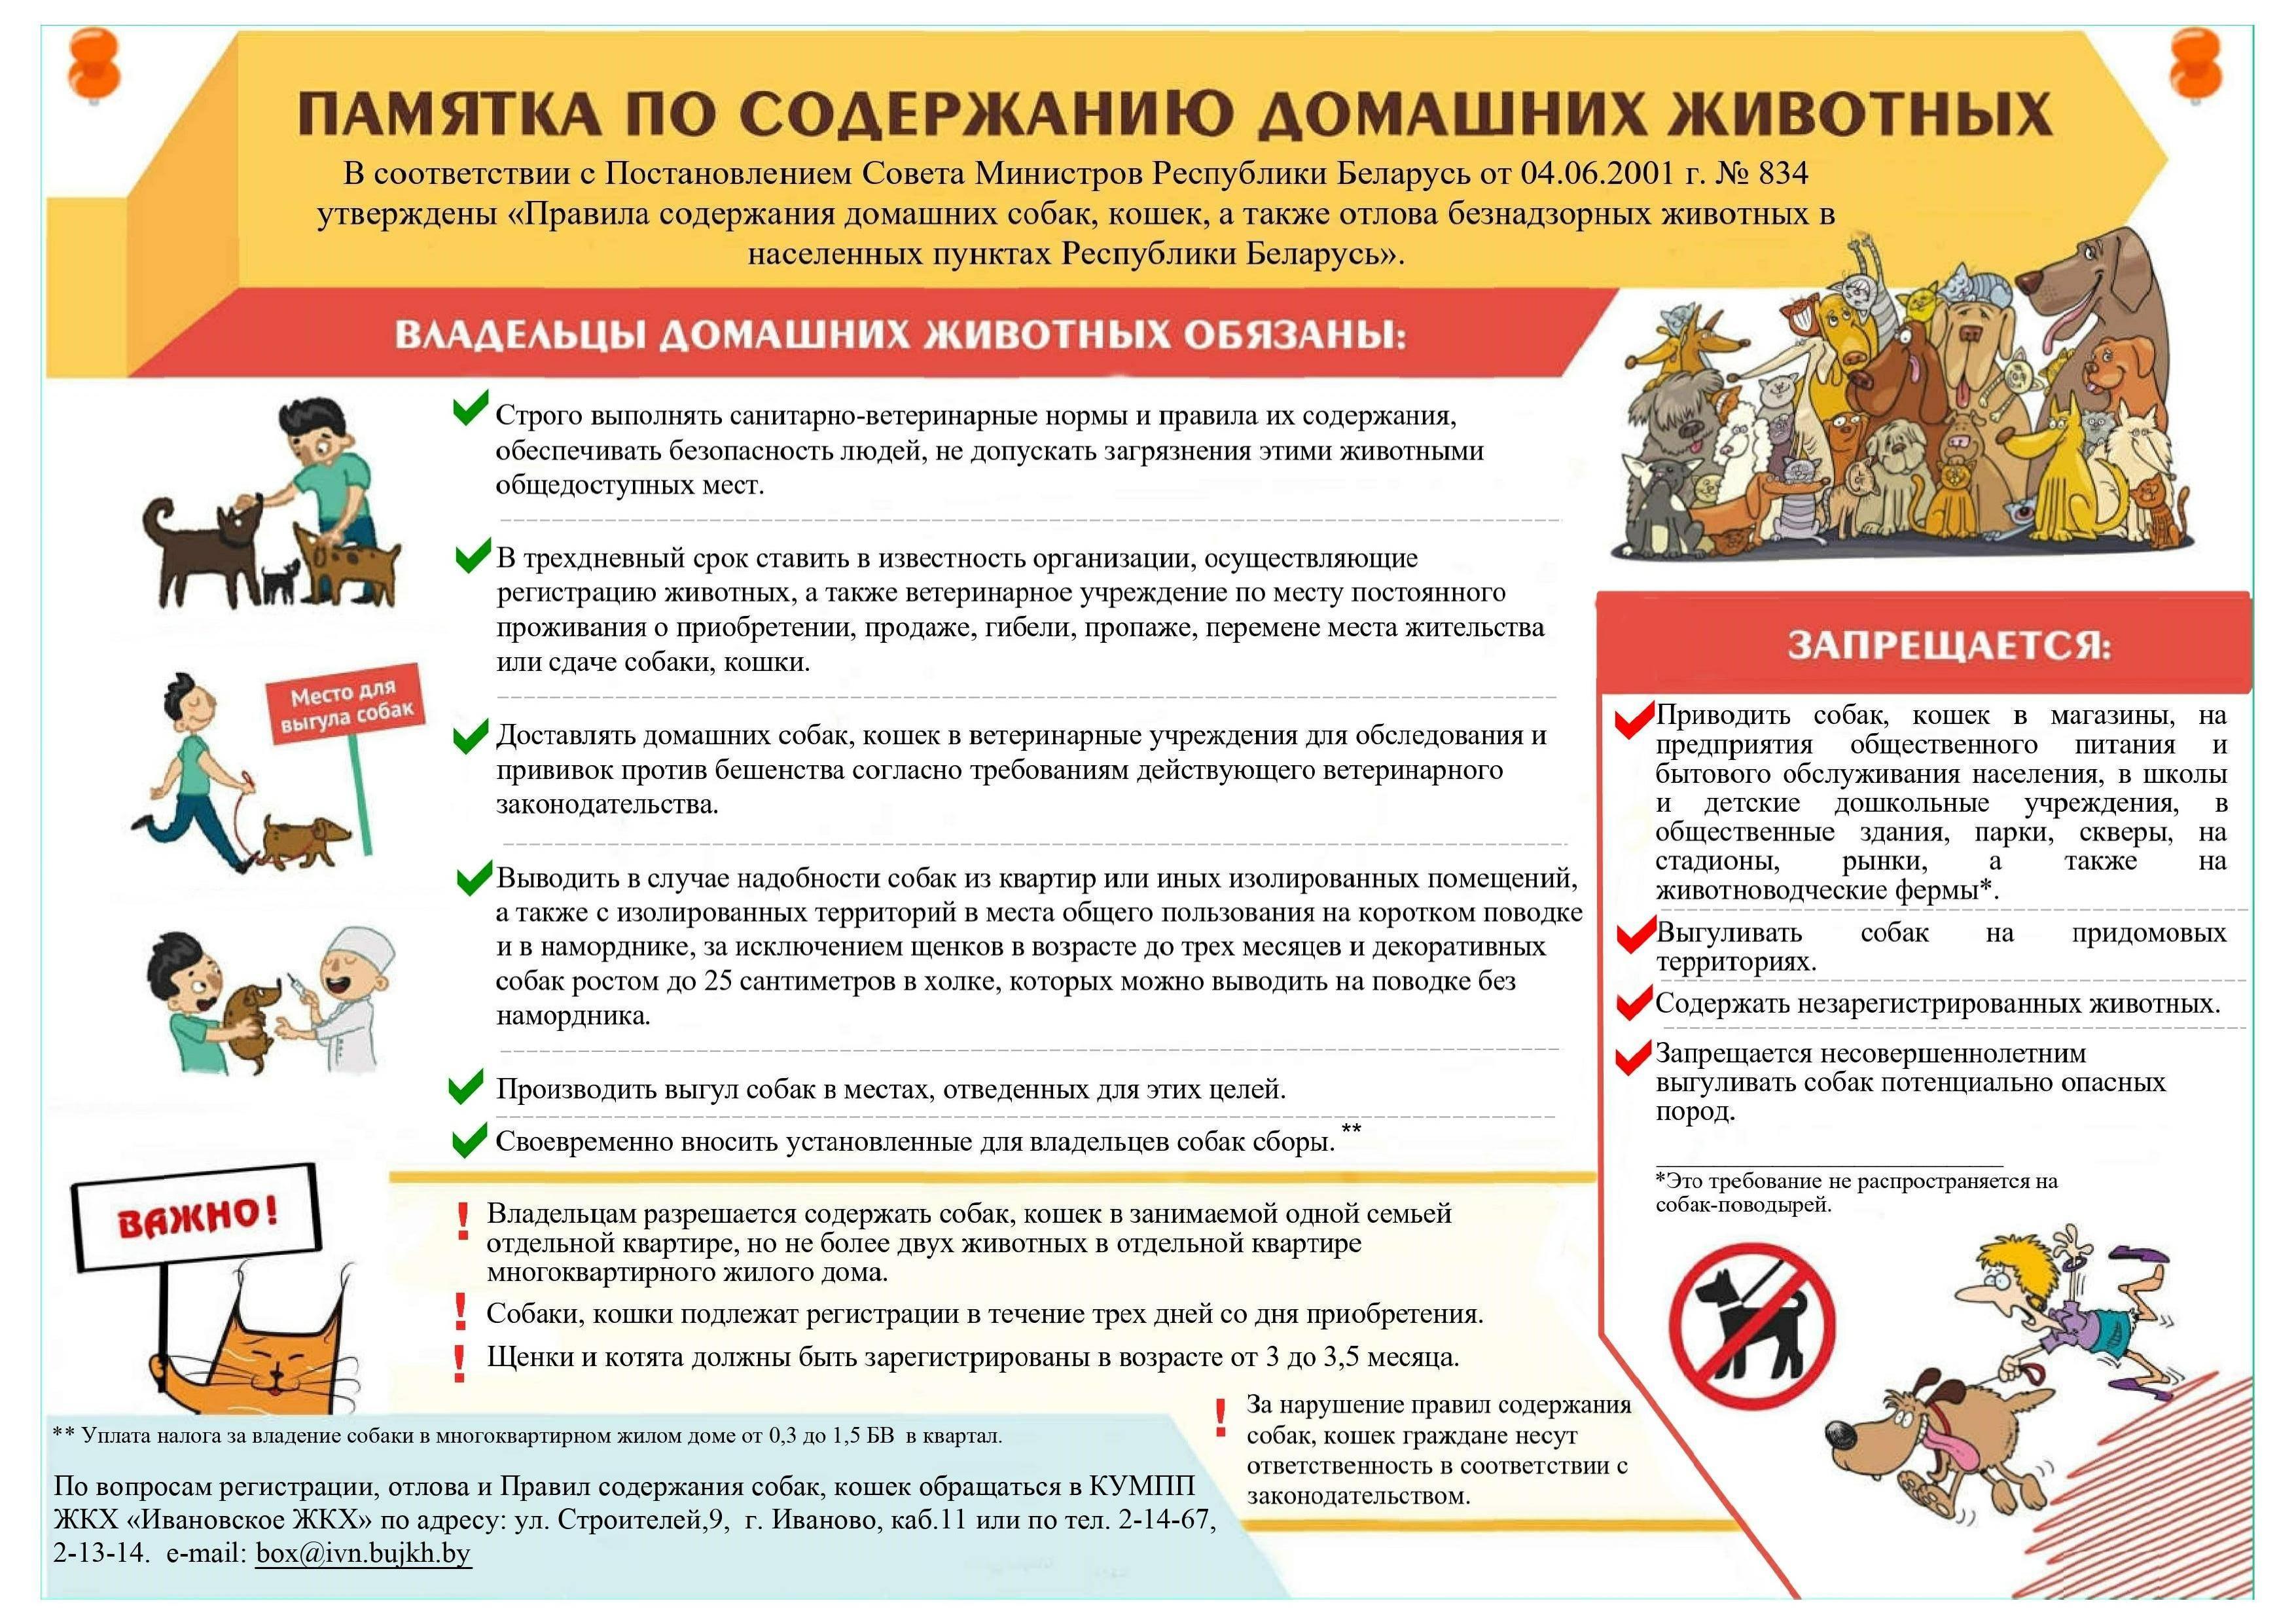 Почему православным нельзя держать дома собаку? | полезная информация для всех